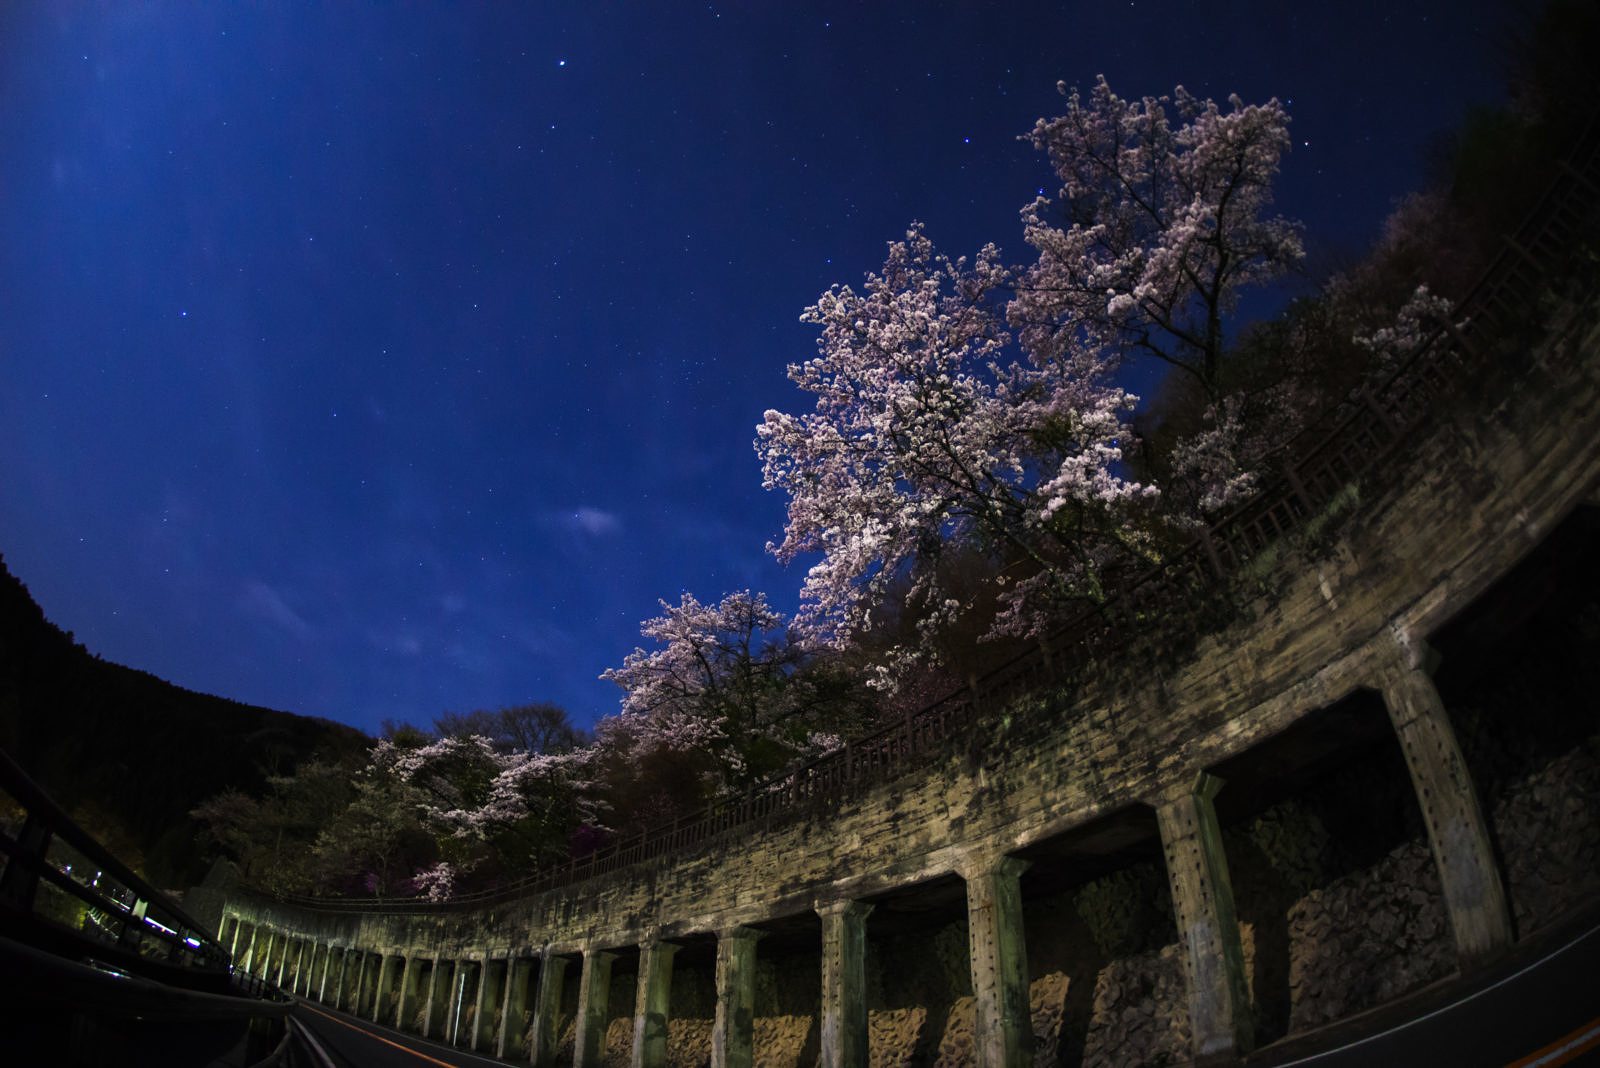 奥多摩湖の夜桜 | PENTAX K-1&DA10-17mm